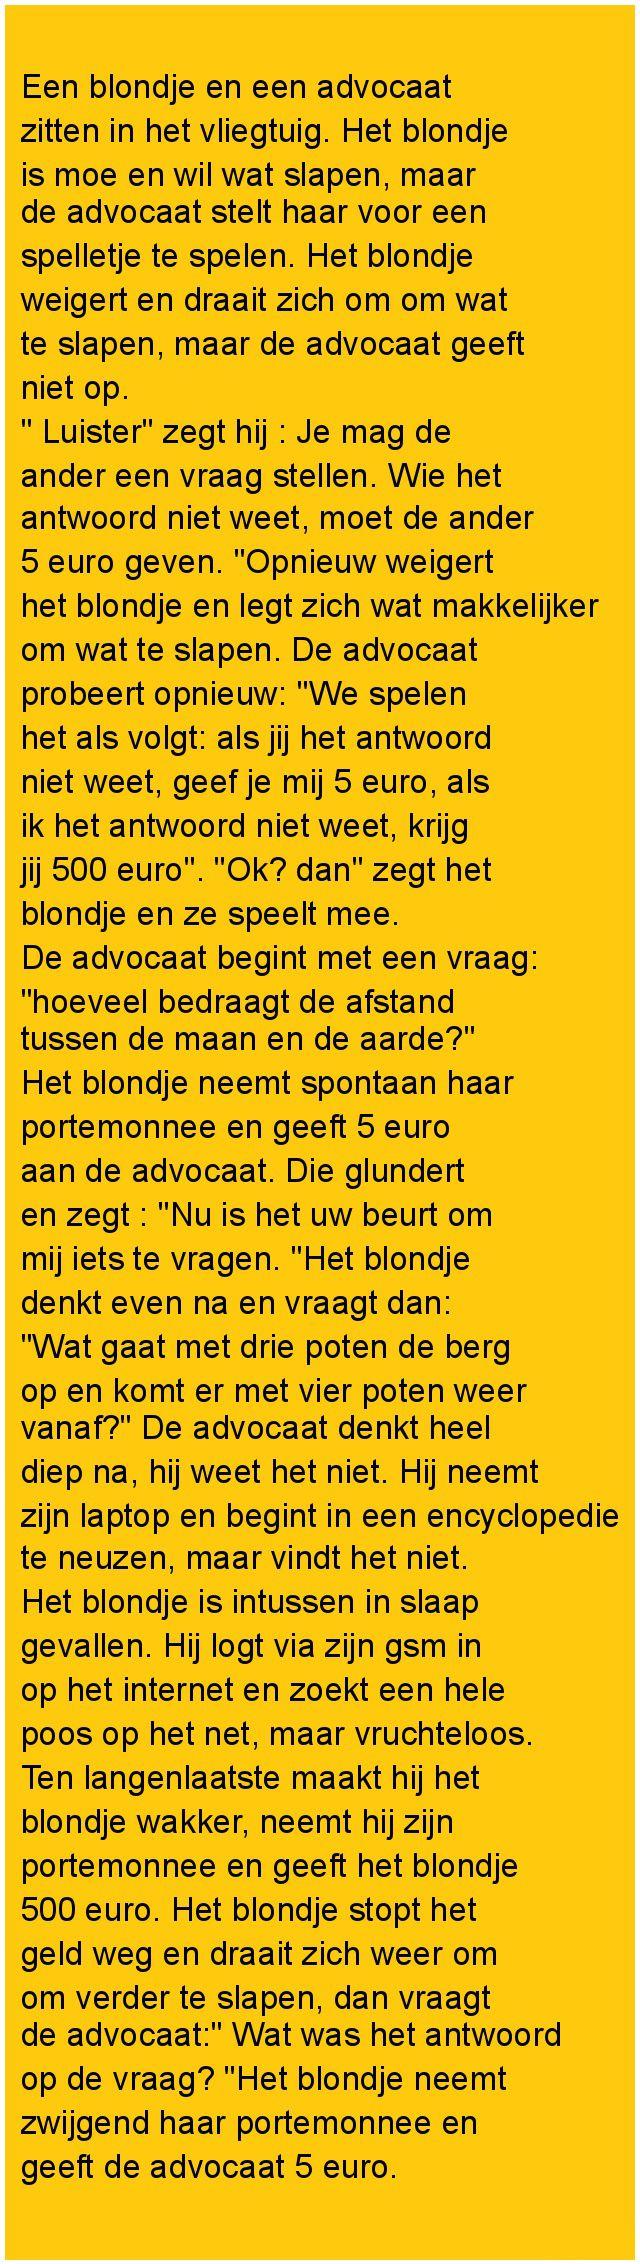 Een blondje en een advocaat - Zieer.nl